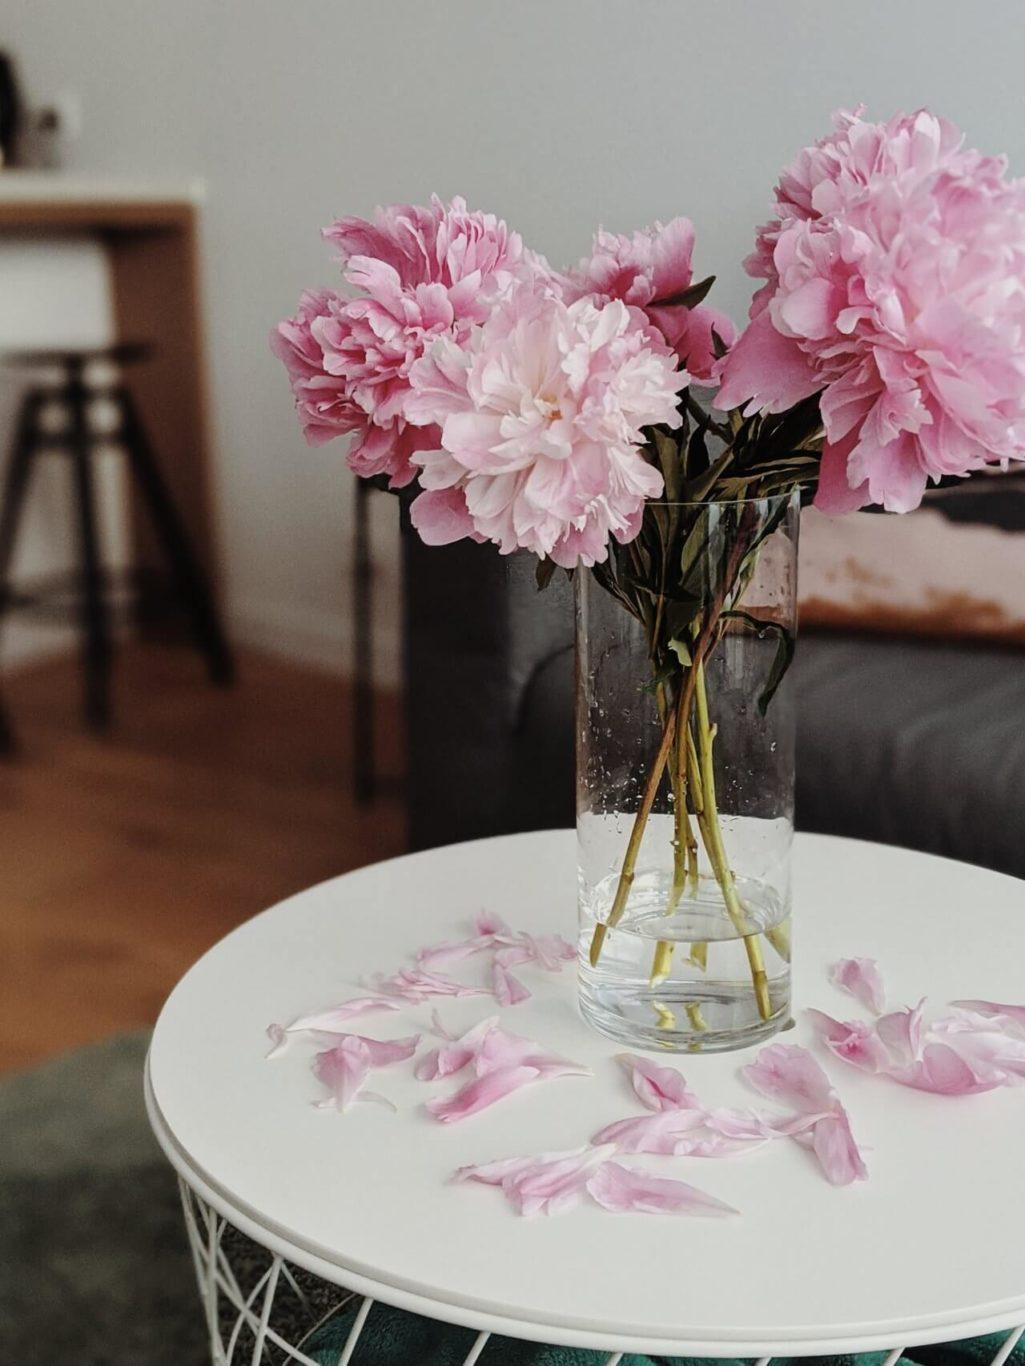 Jaki Wazon Do Kwiatow Blog Gotglass